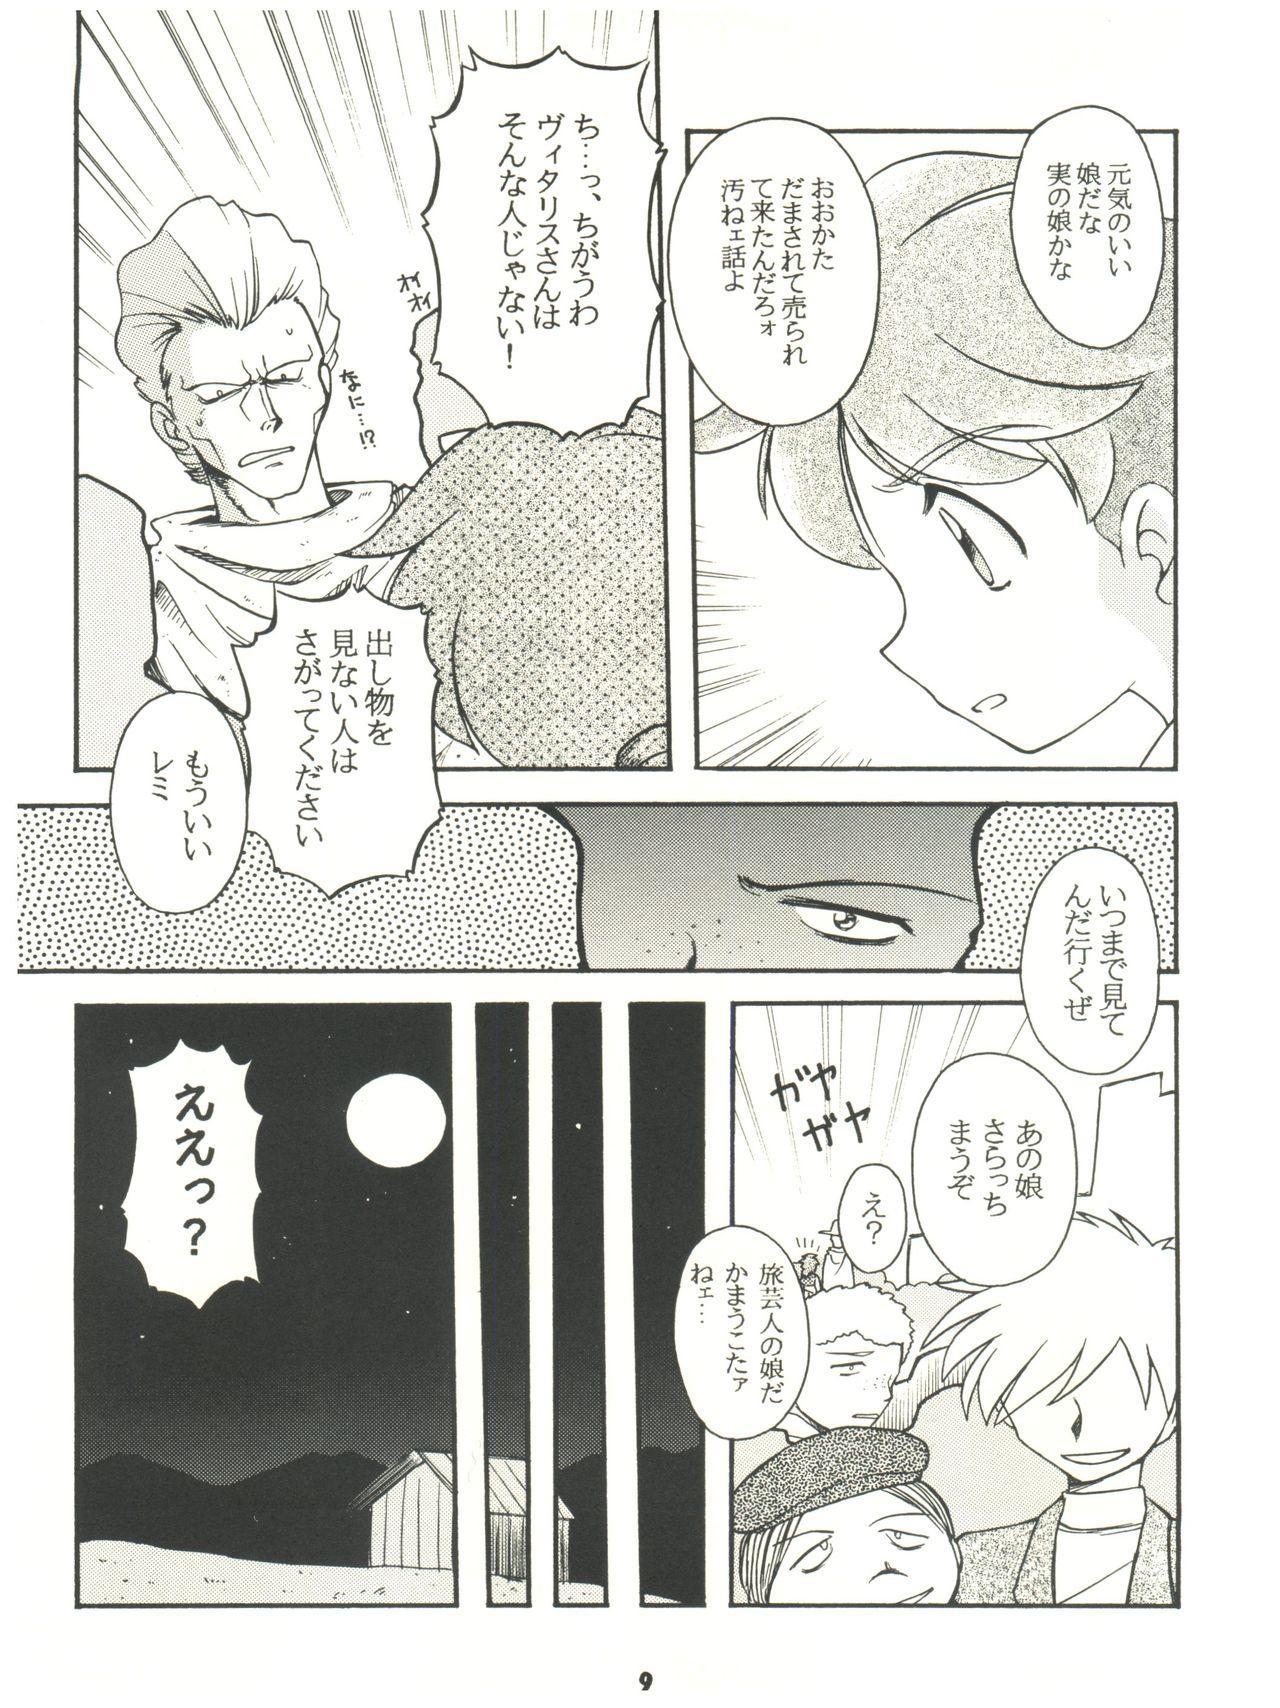 [Sairo Publishing (J. Sairo) En-Jack 2 (Various) 8